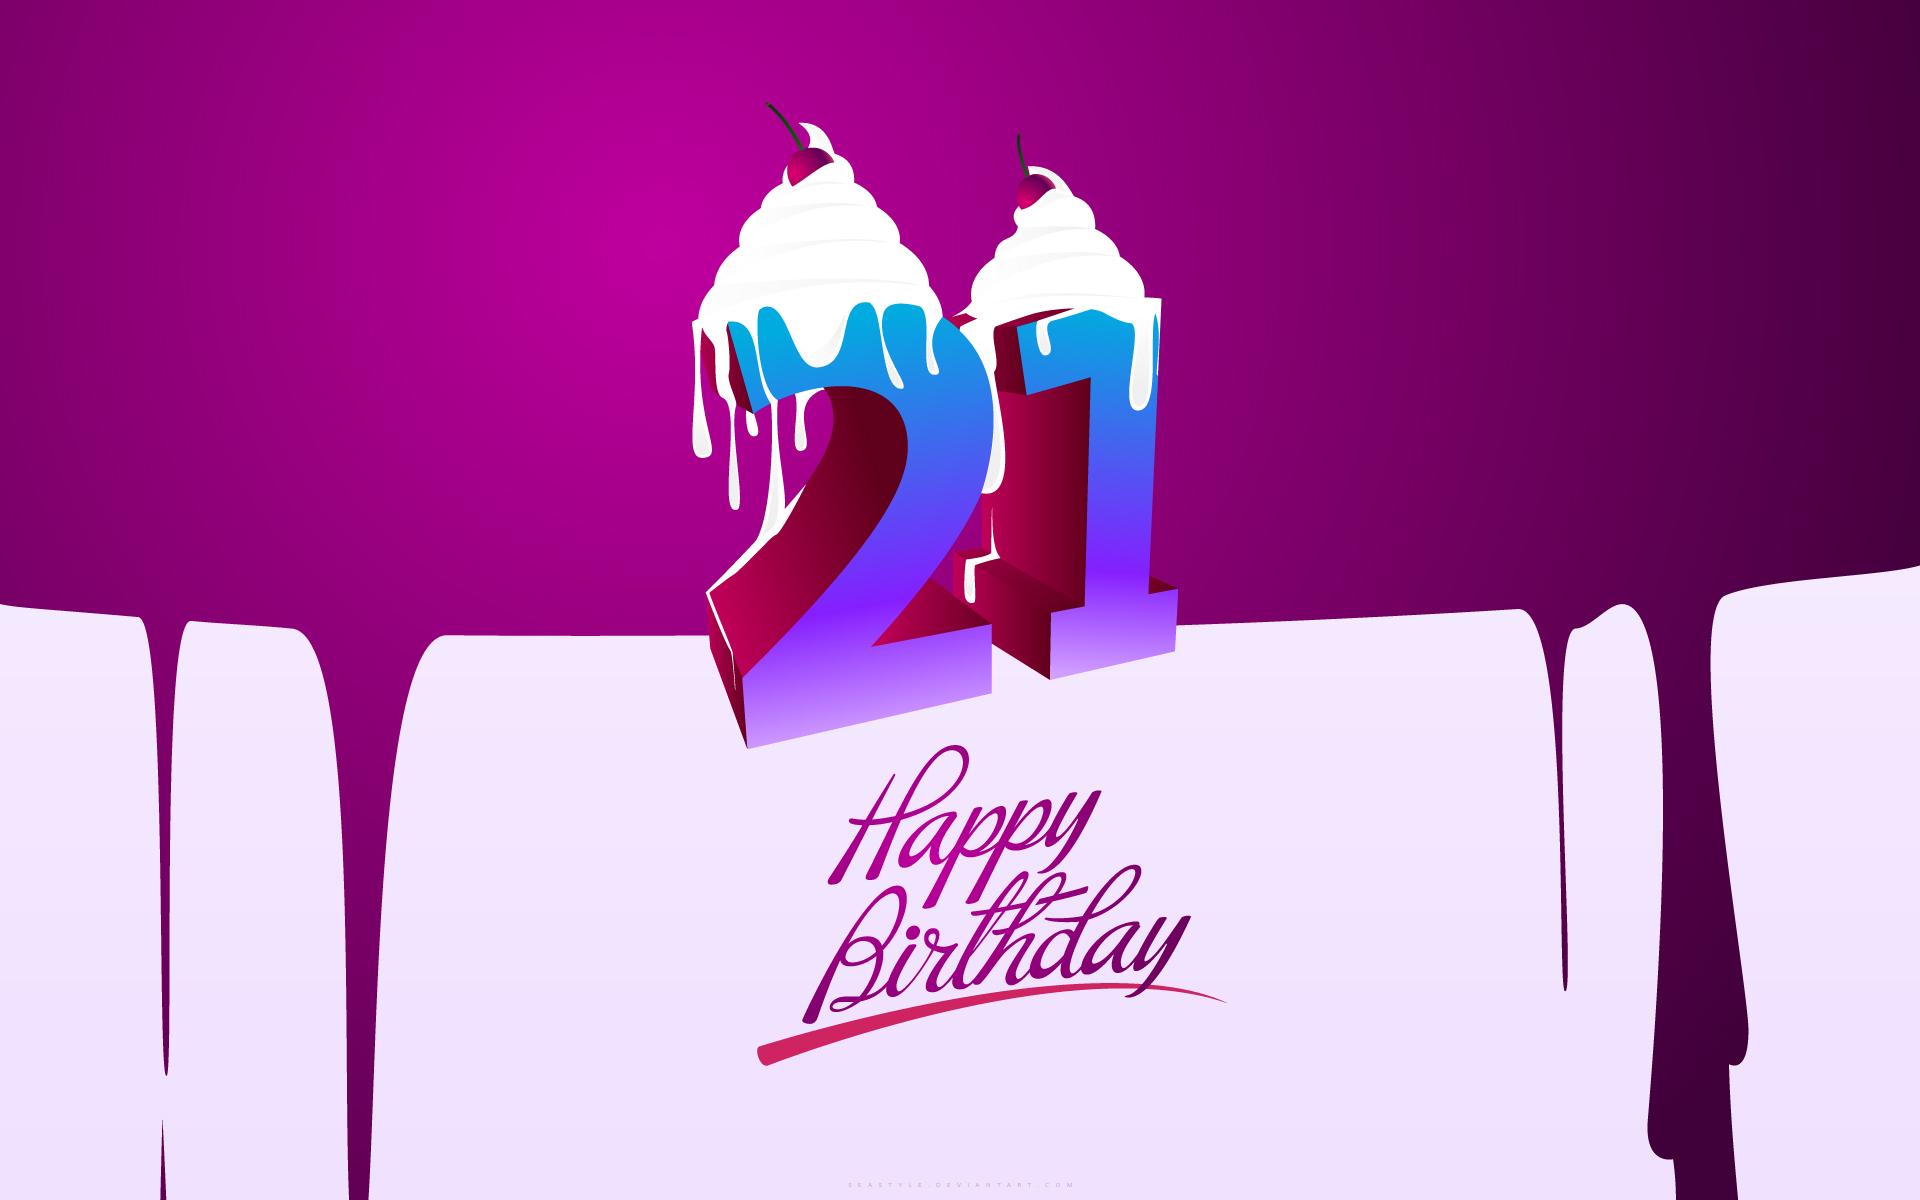 Картинки на день рождения на 21 год, квиллинг-элементами